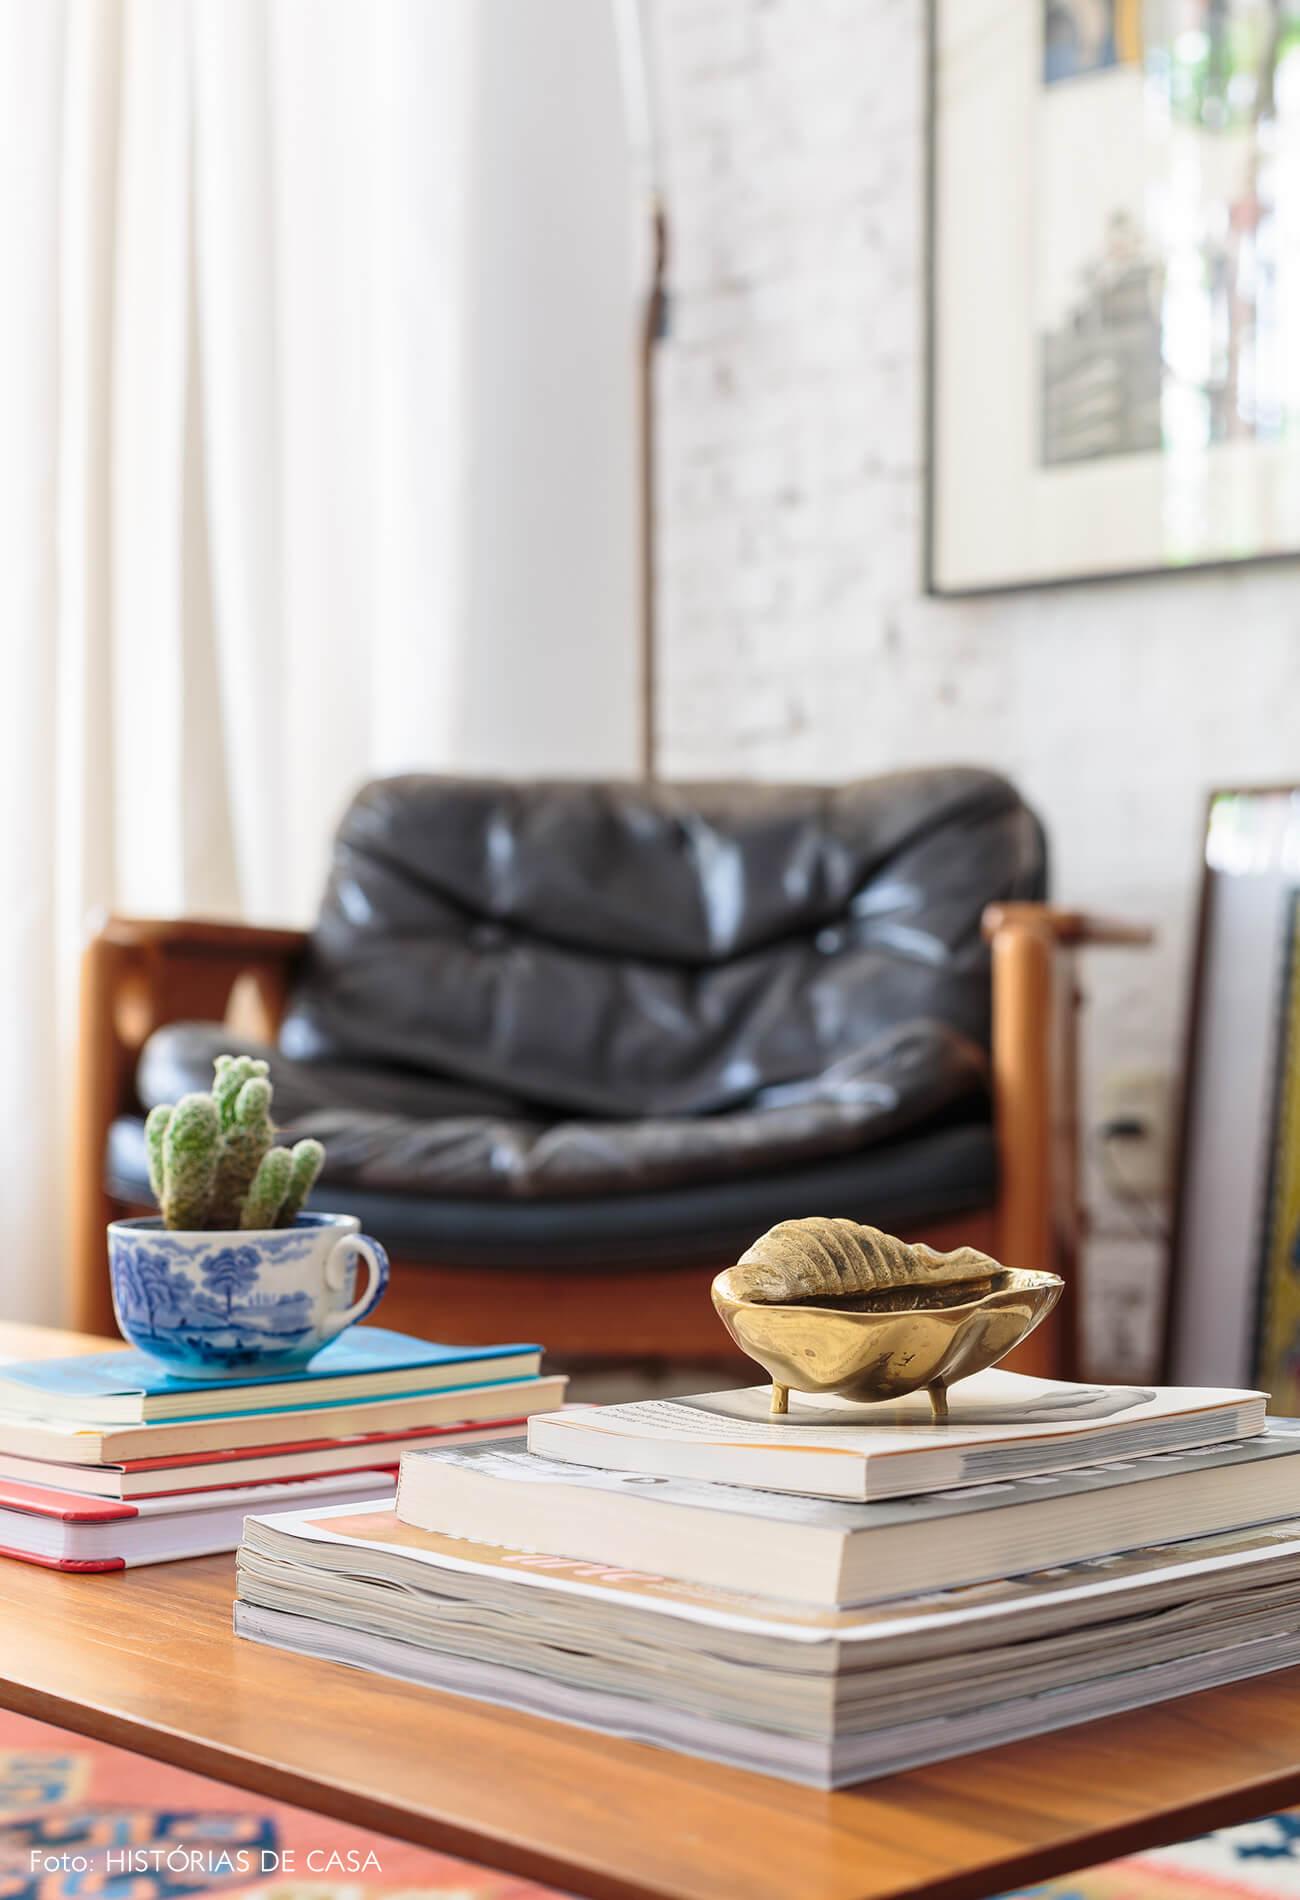 decoração objetos decorativos concha e xicara em mesa de madeira